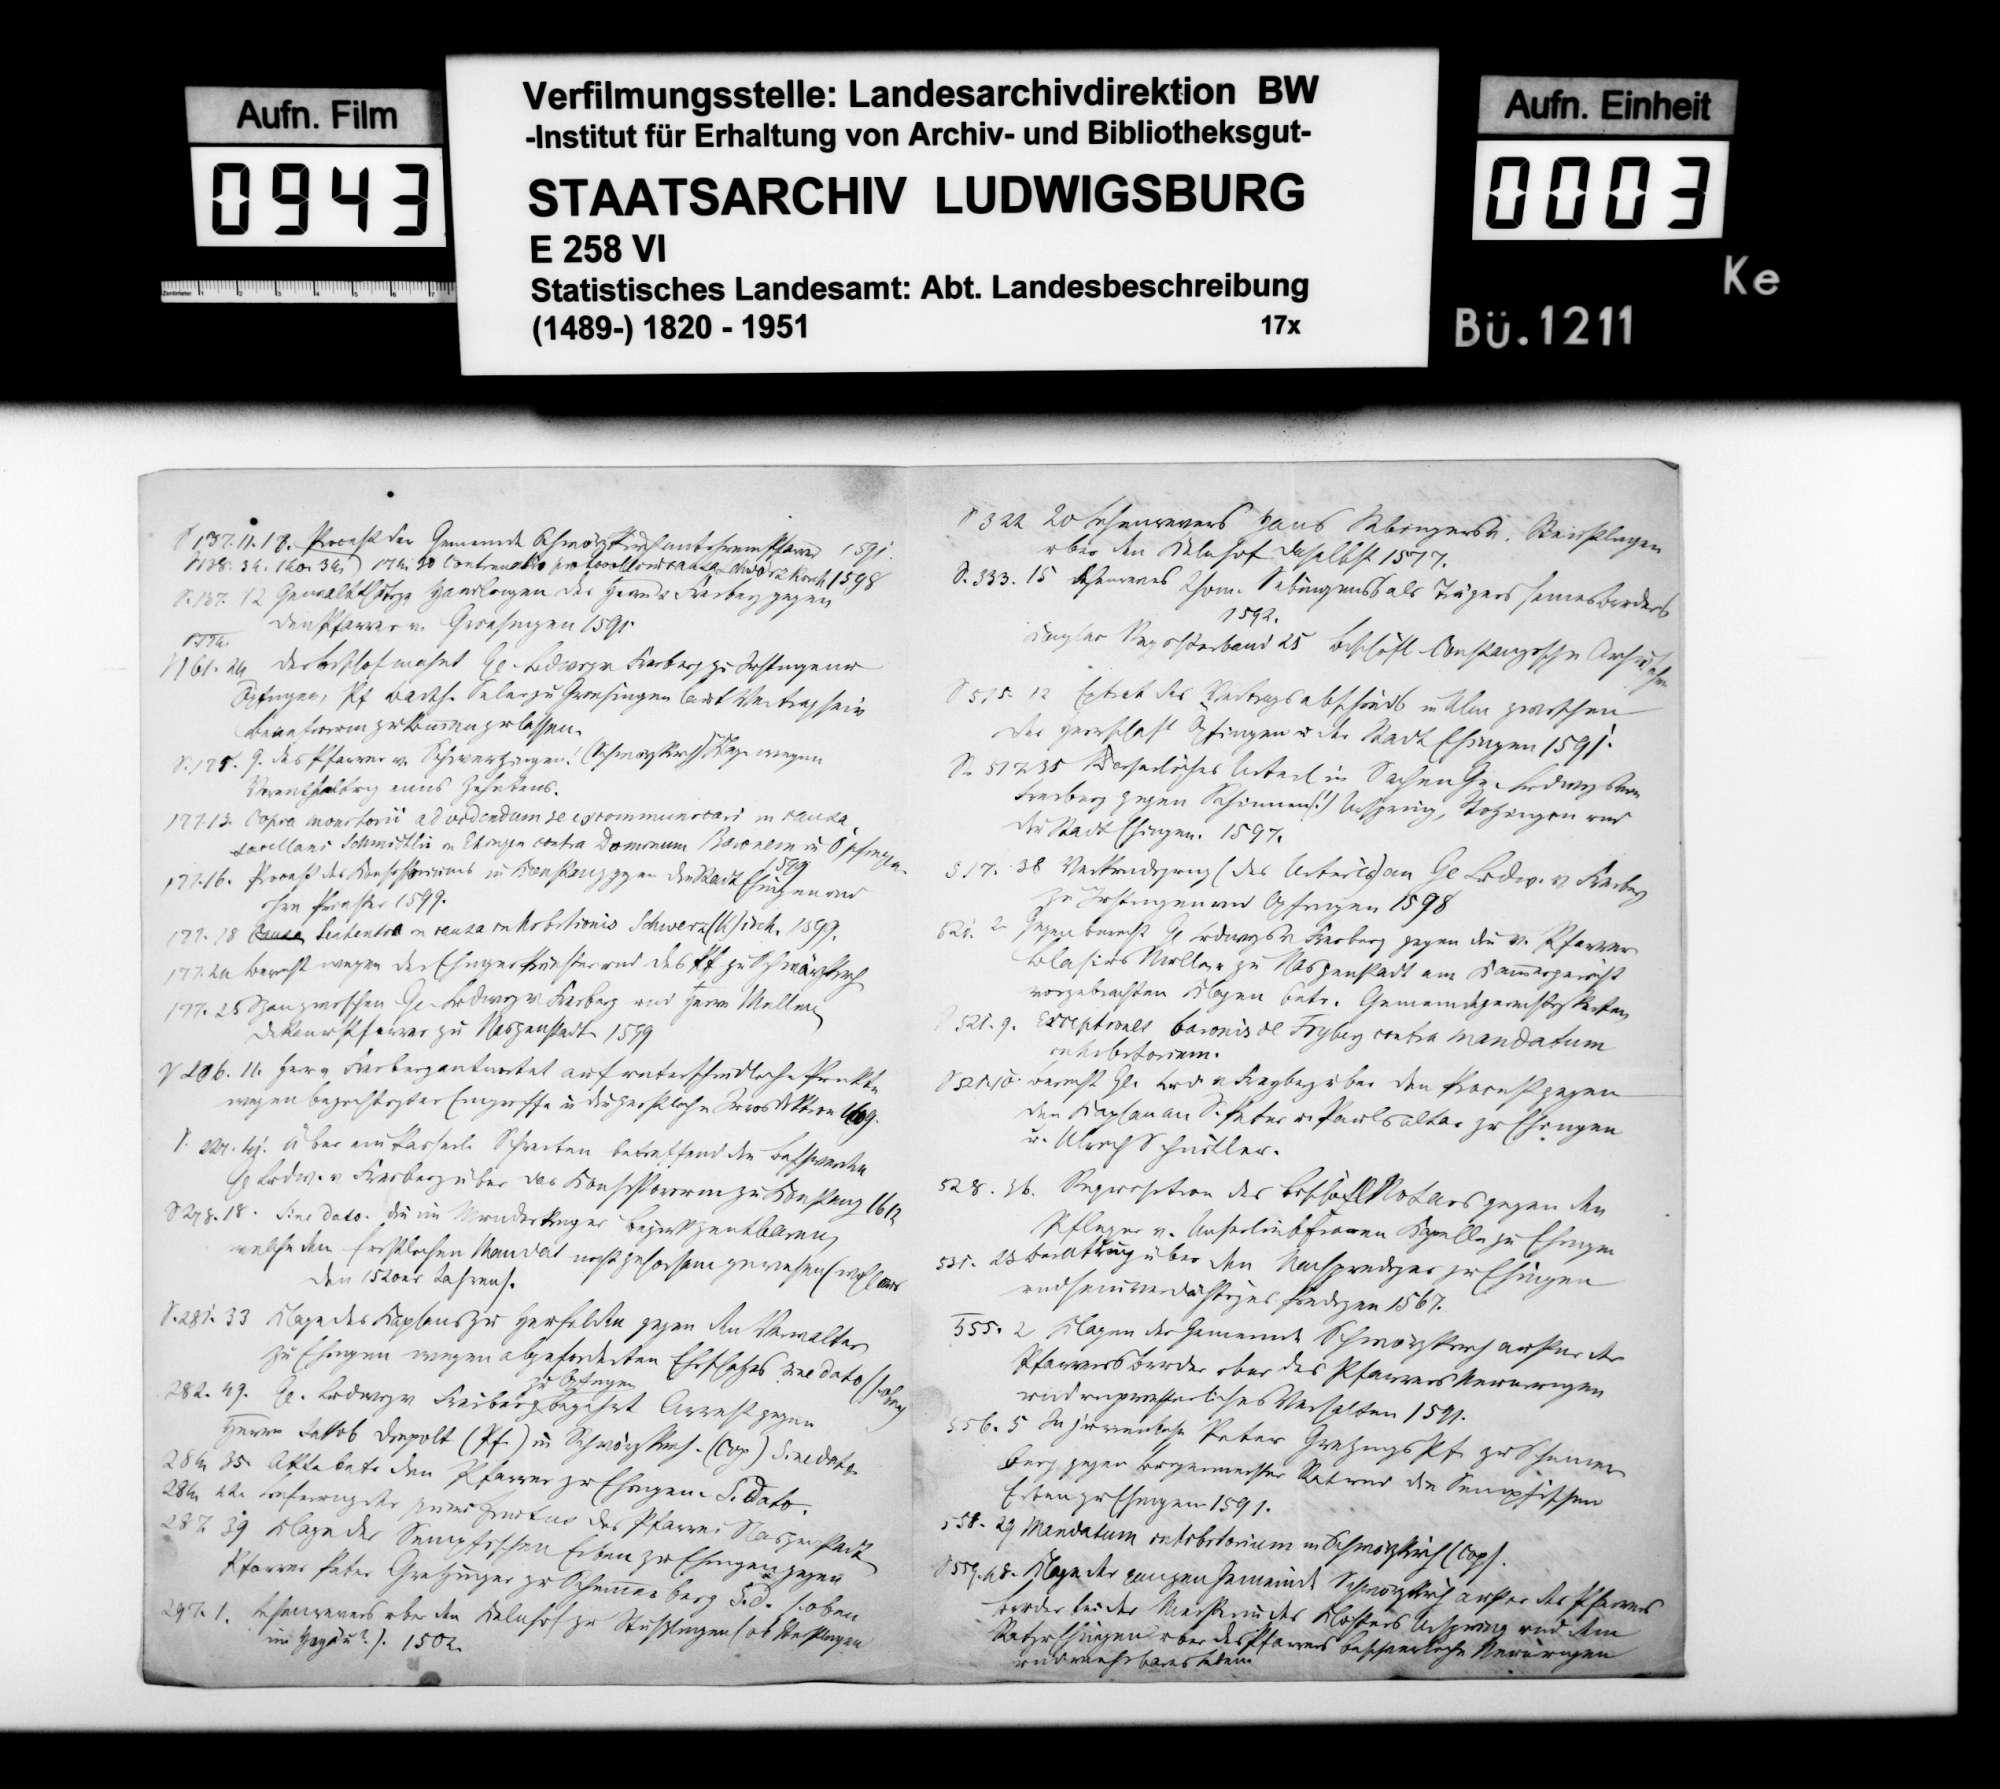 Materialsammlung sowie Berichtigung und Nachtrag zur OAB 1893, Bild 2